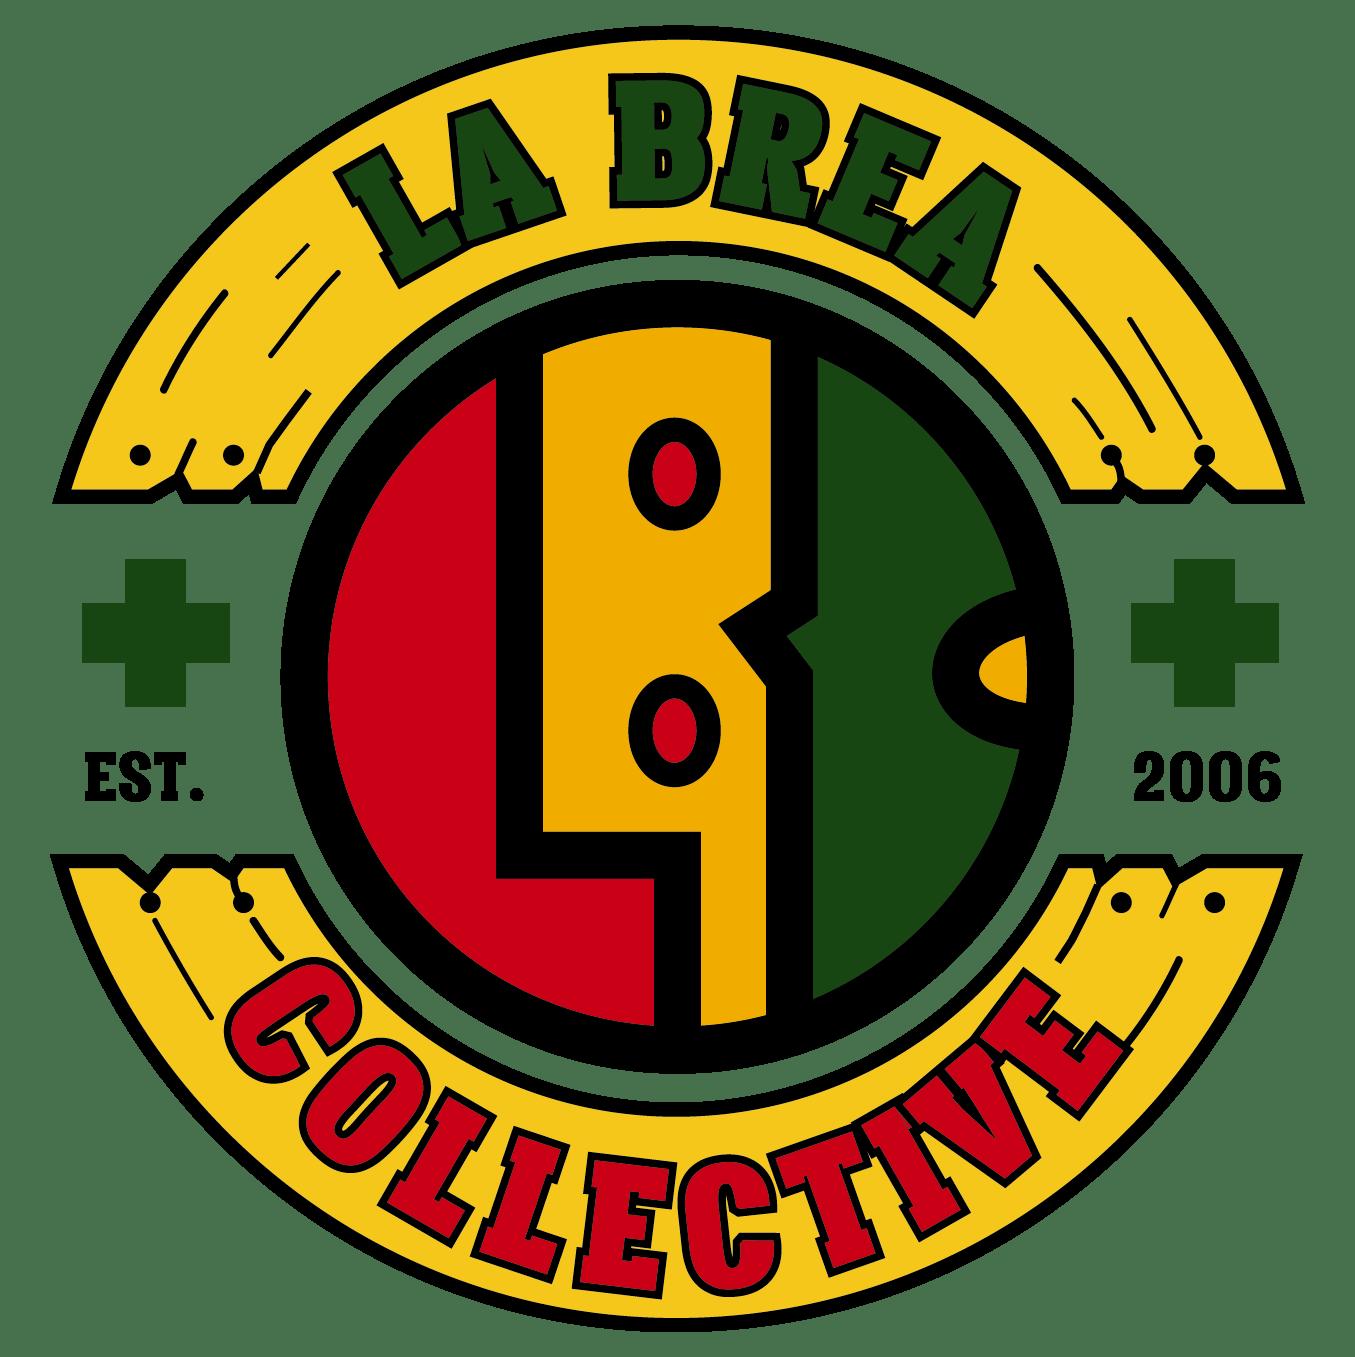 La Brea Collective